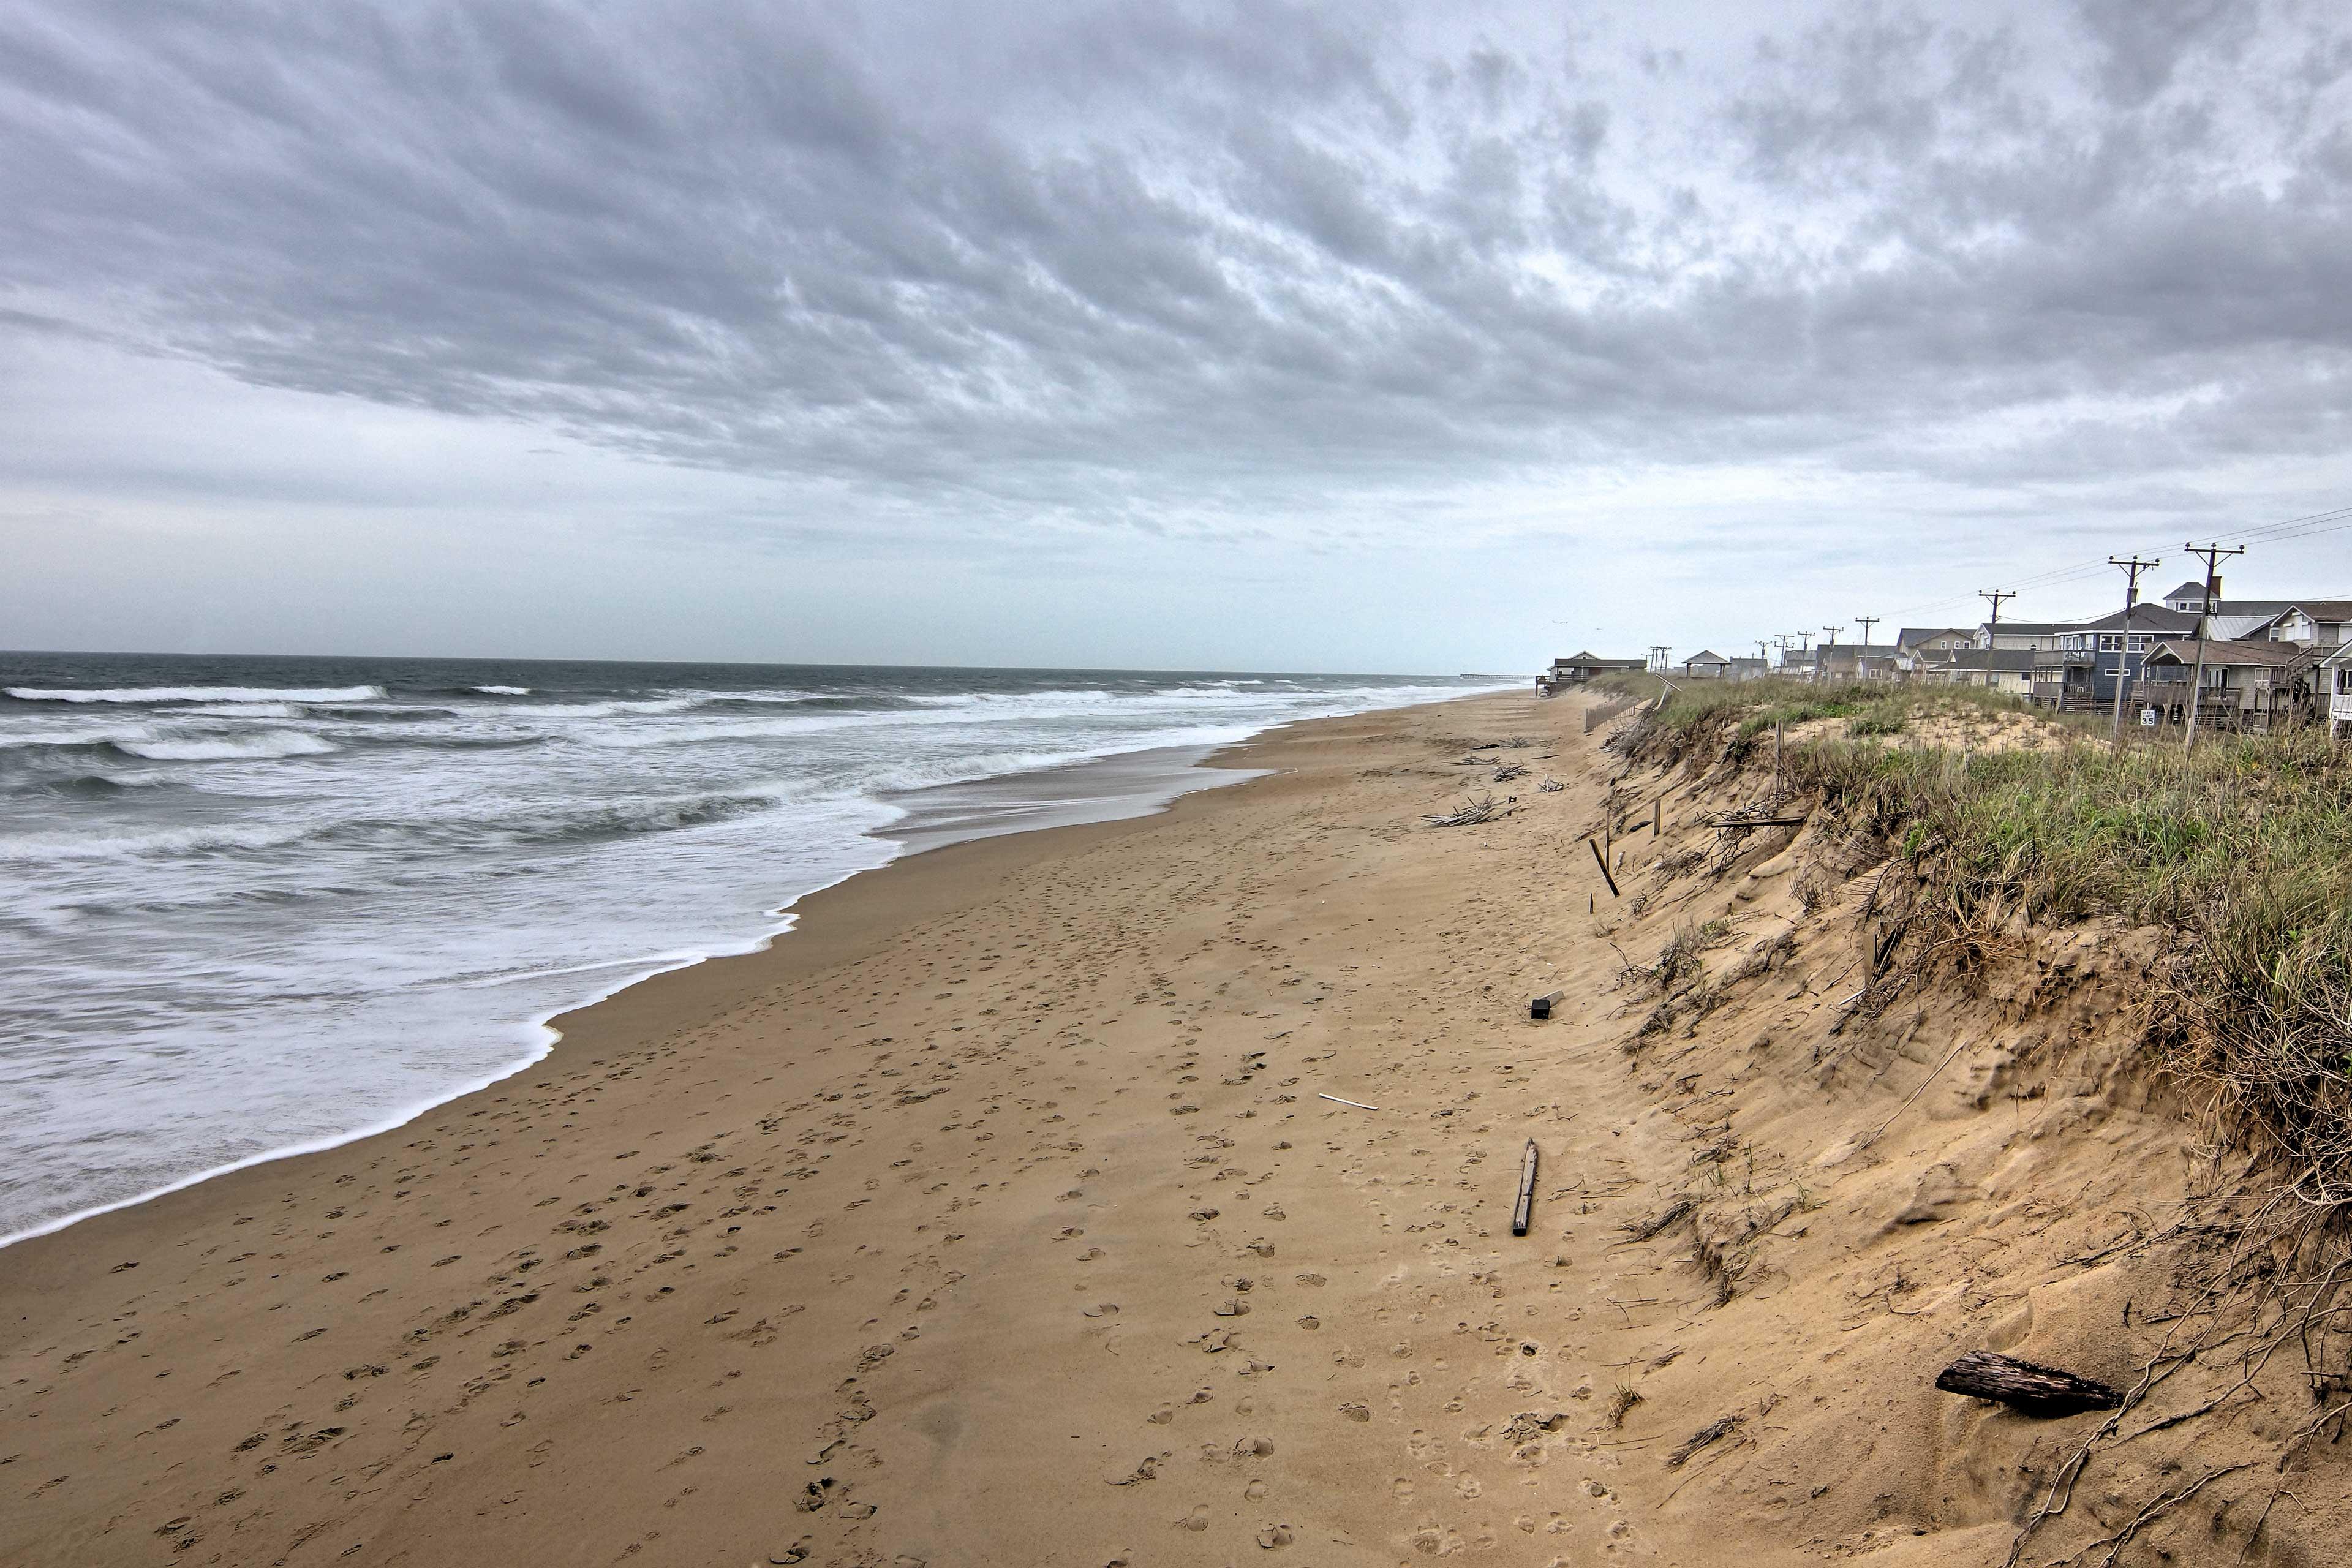 Walk an easy 80 steps to reach the Atlantic Ocean Beach!